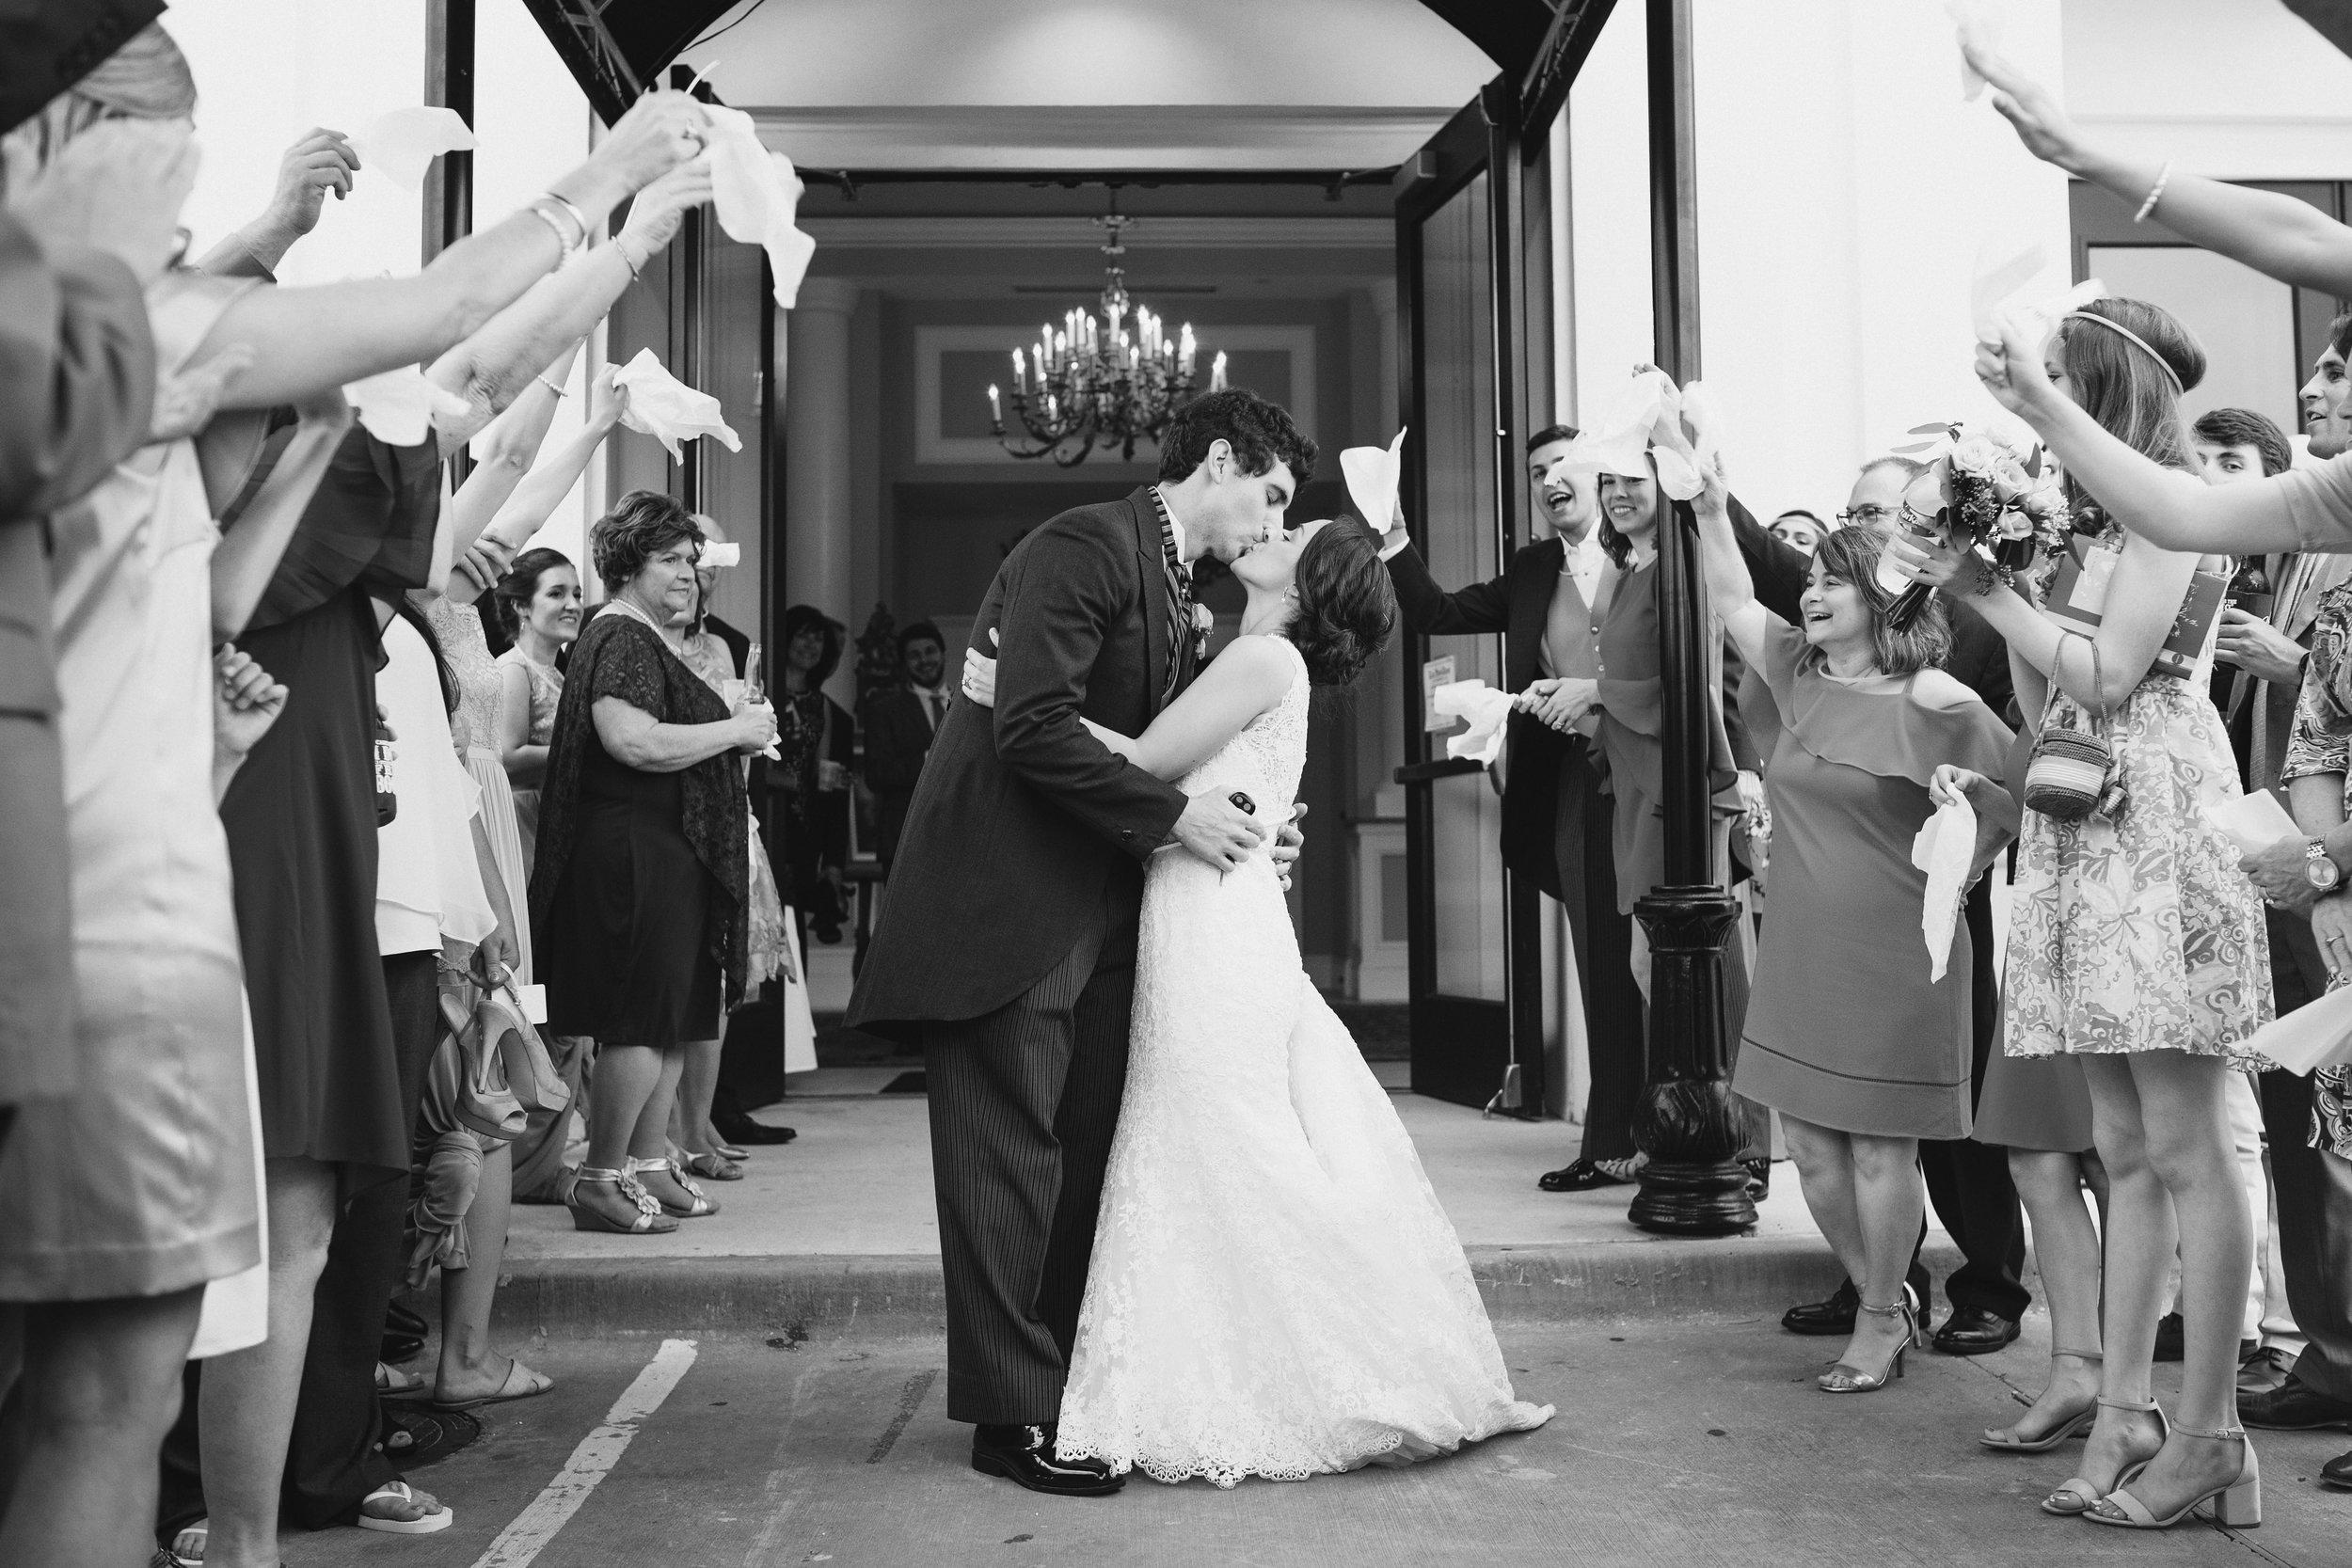 Ducote_Naccari_wedding_0987bw.jpg